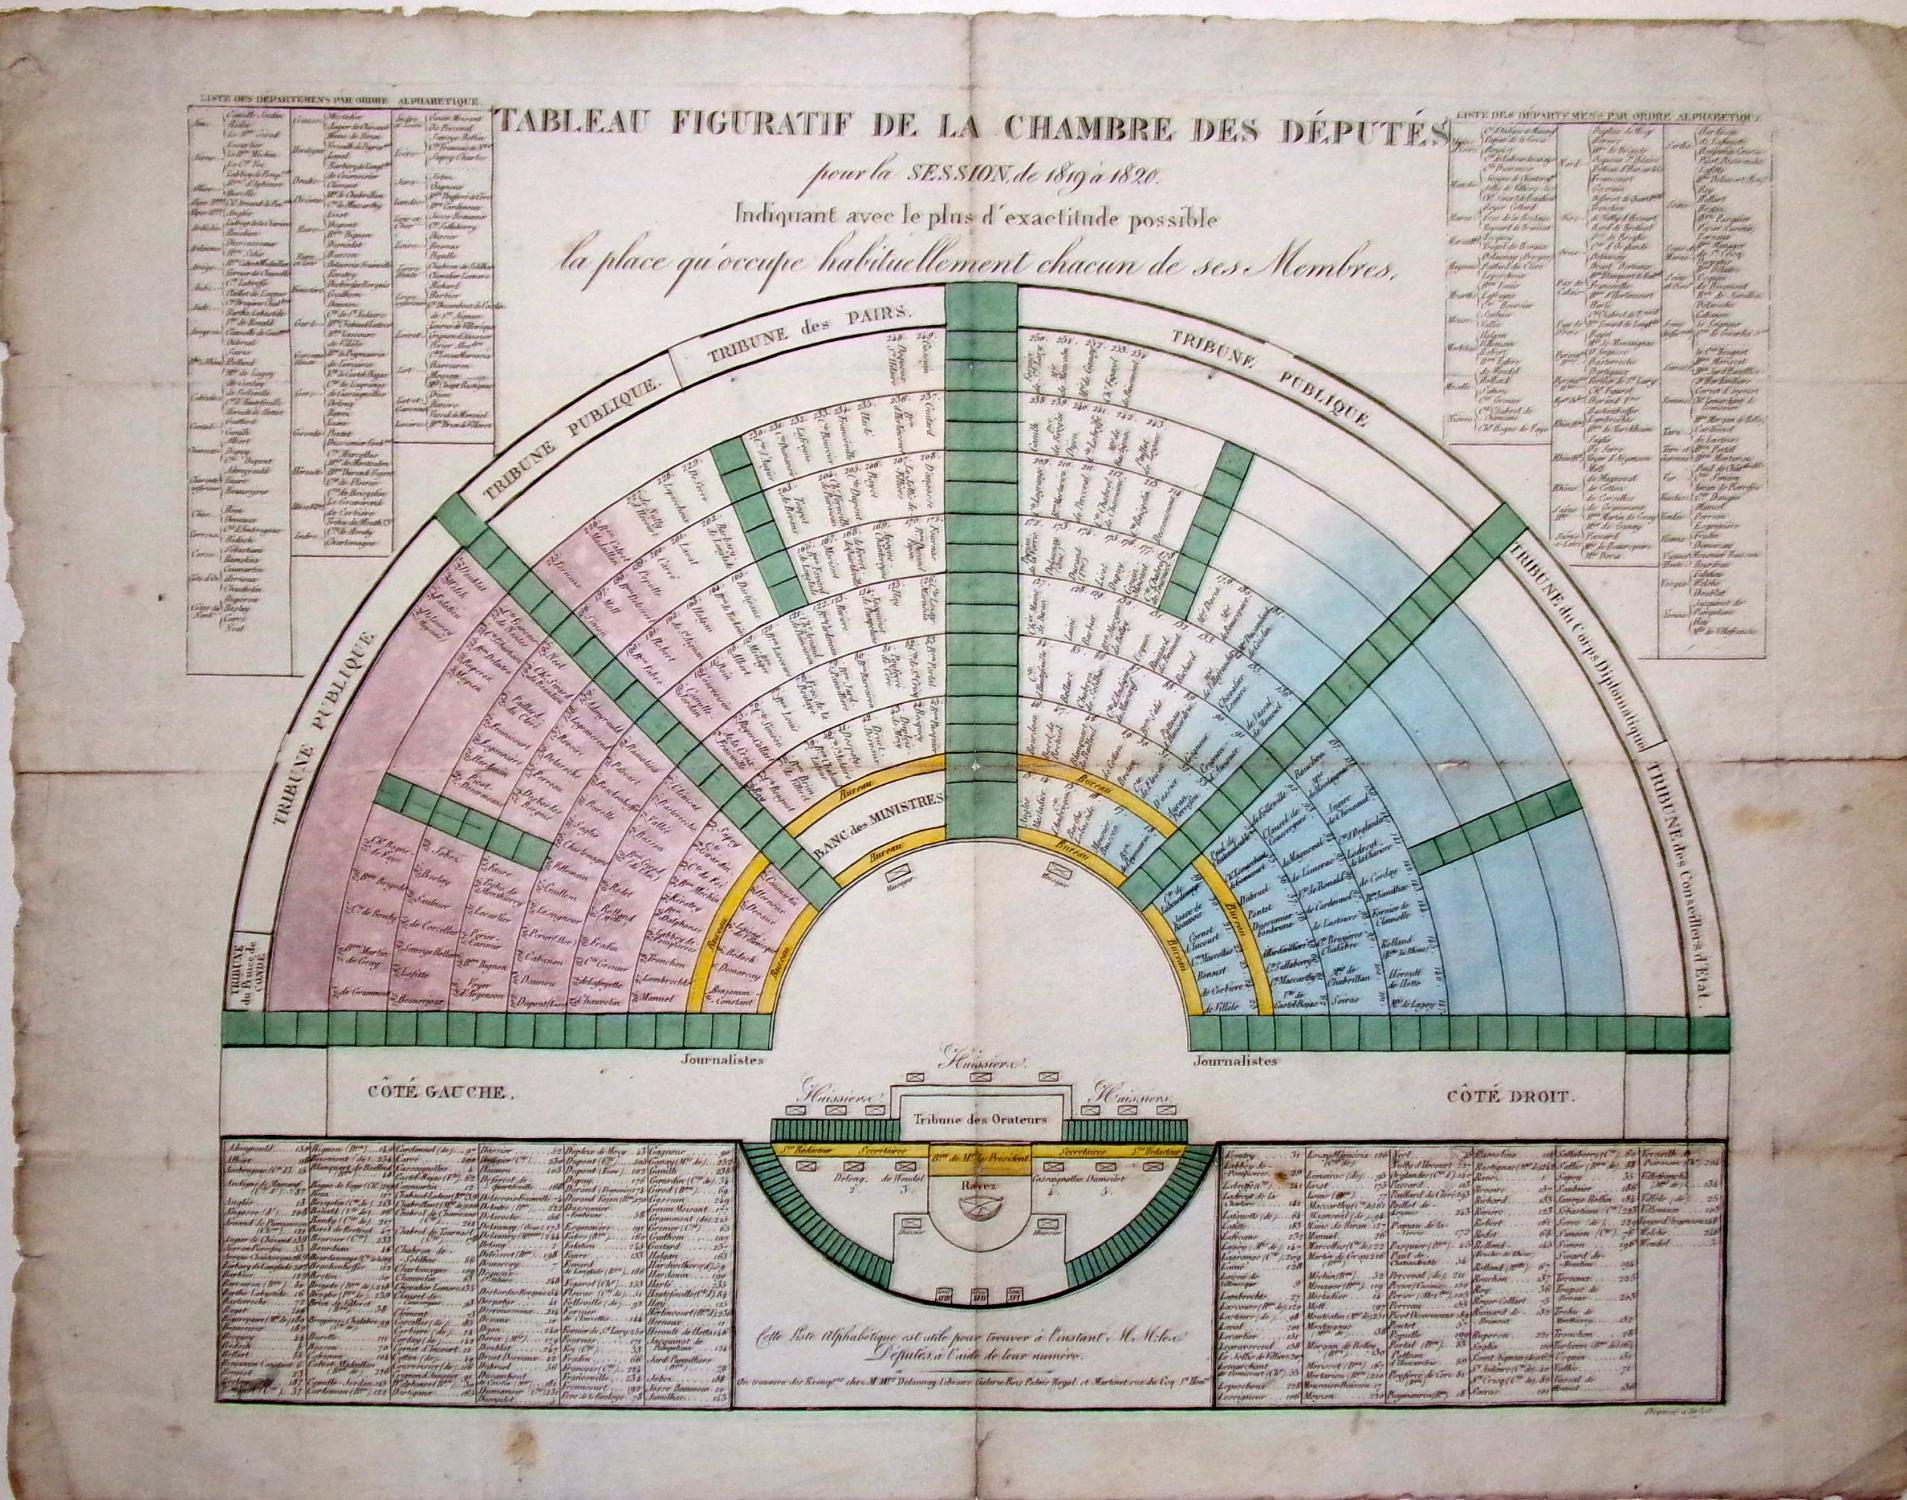 Tableau figuratif de la Chambre des d put s pour la session de 1819 1820 Indiquant avec le plus